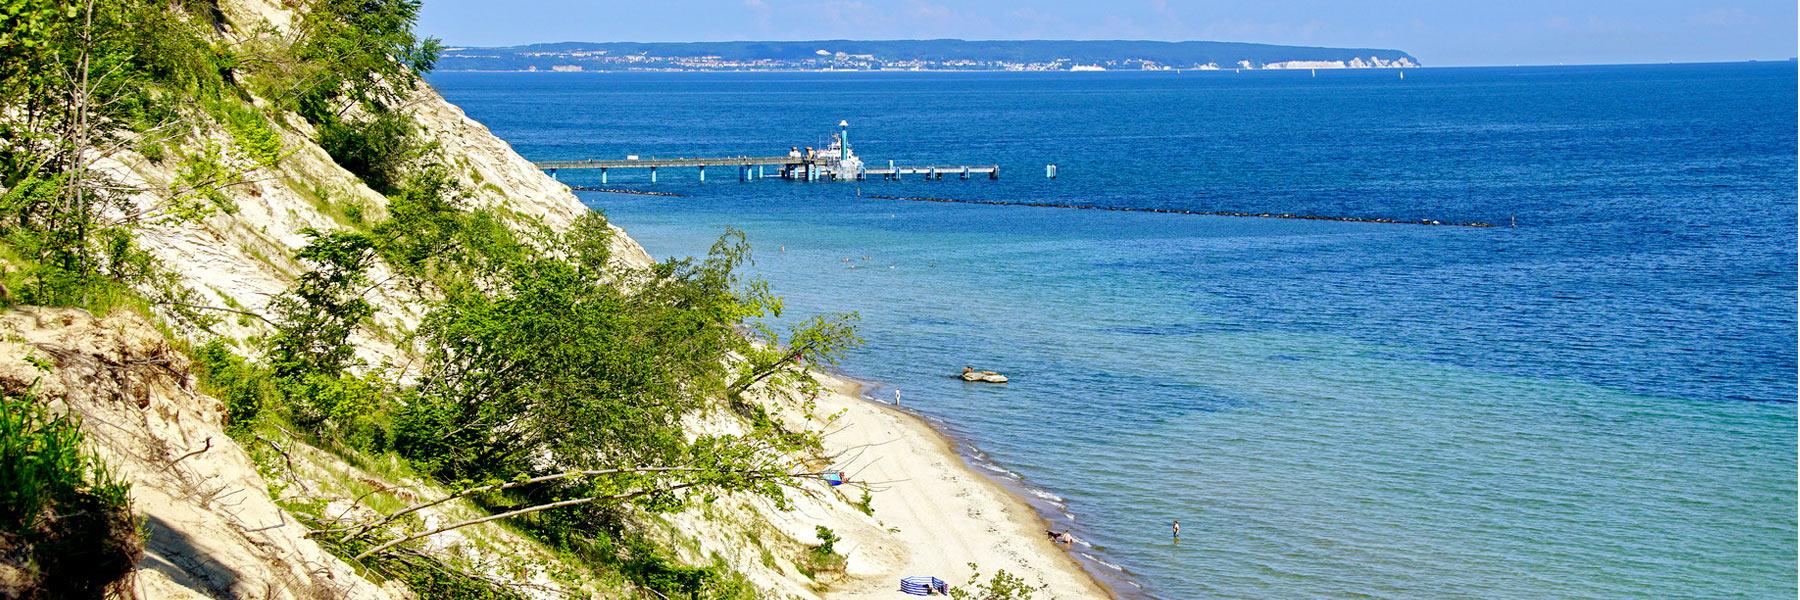 Blick auf die Seebrücke Sellin - Ostseebad Baabe